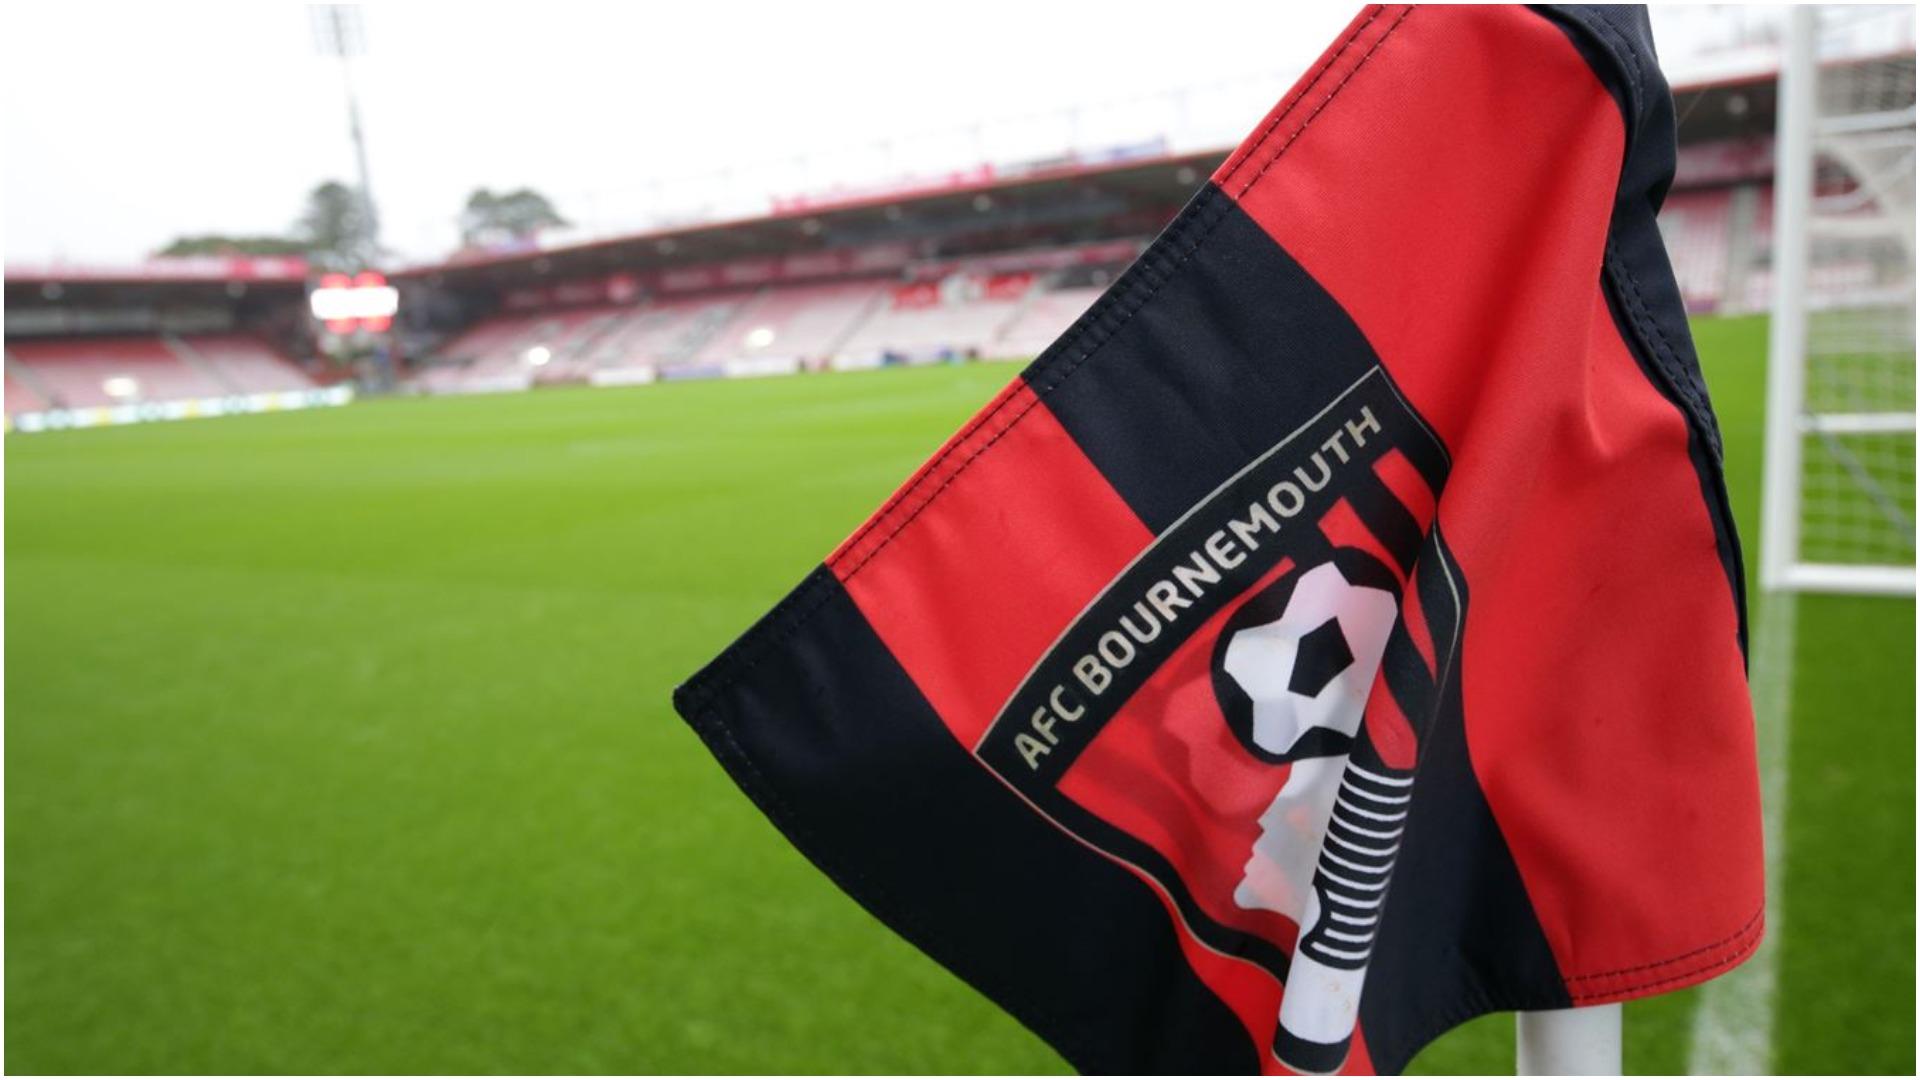 Rastet pozitive nuk mbarojnë, klubi anglez konfirmon një futbollist të prekur